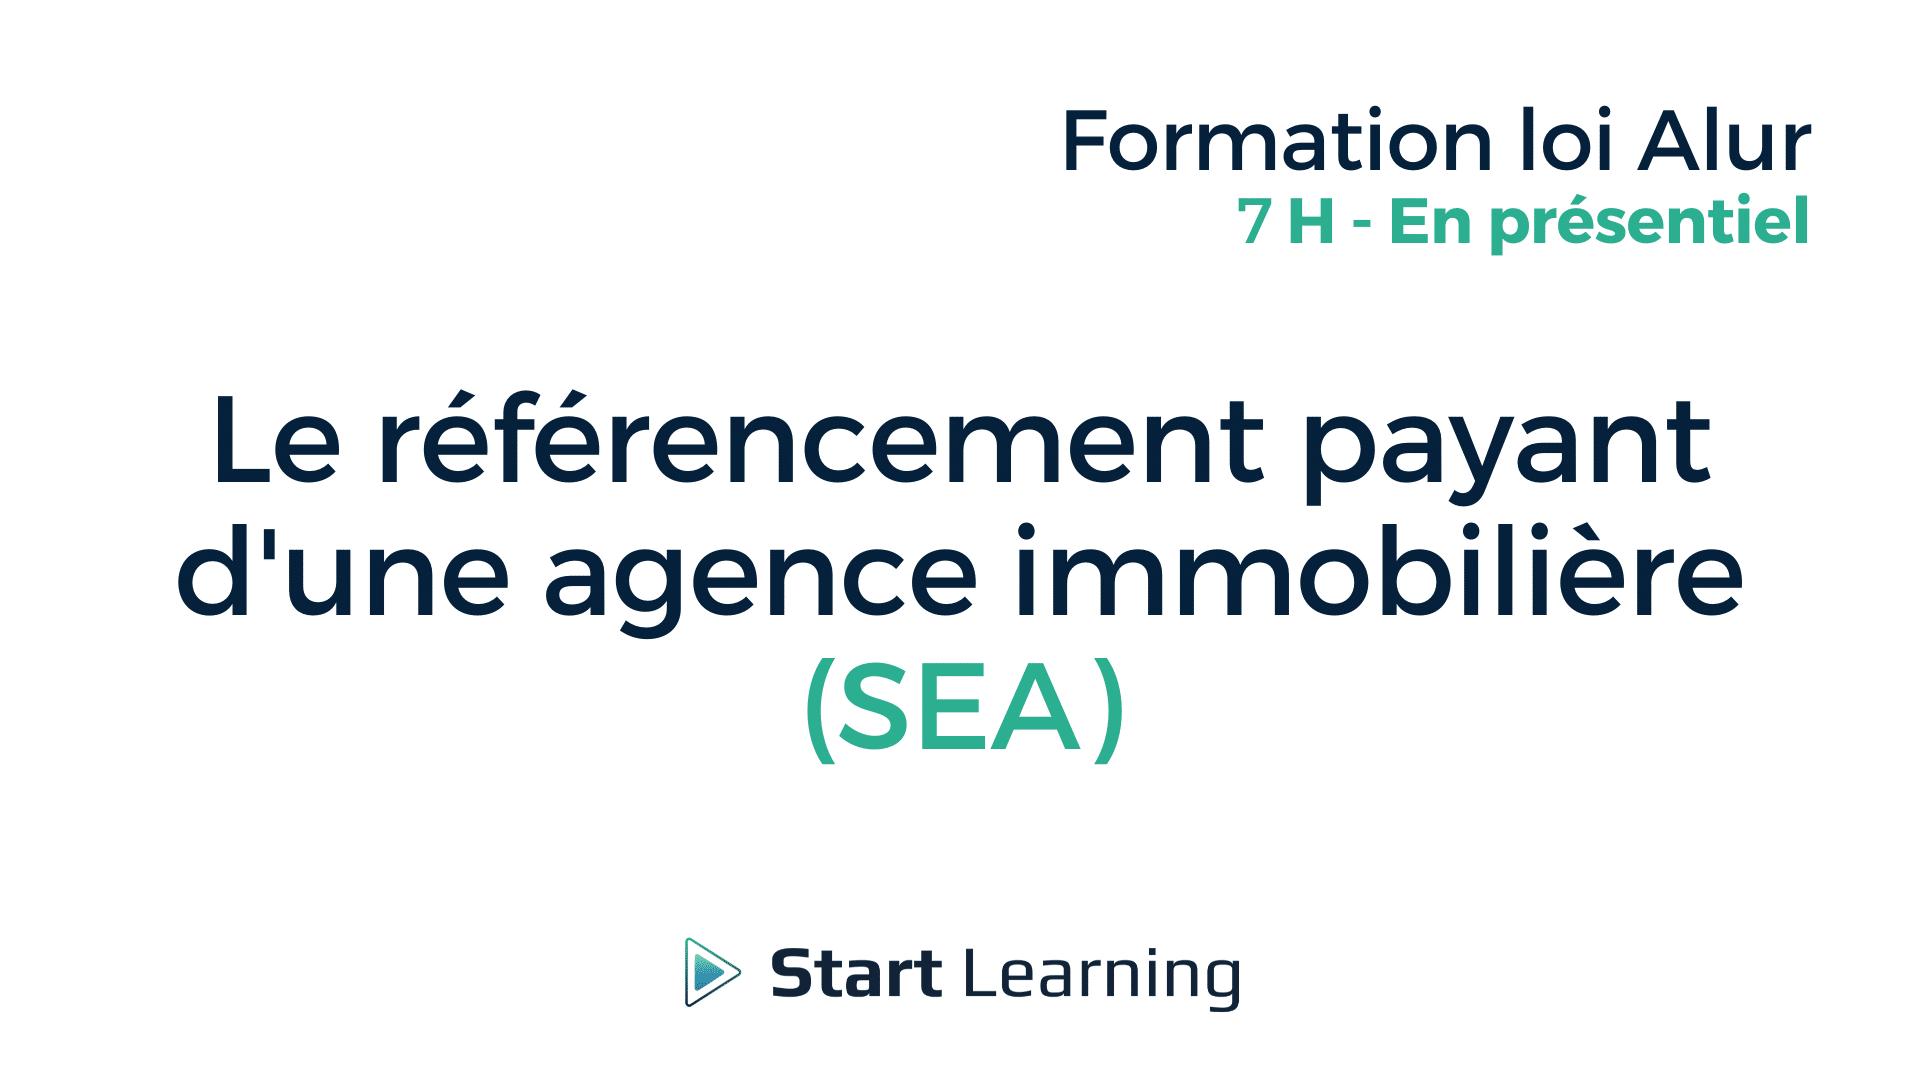 Formation loi Alur - Le référencement payant d'une agence immobilière (SEA)